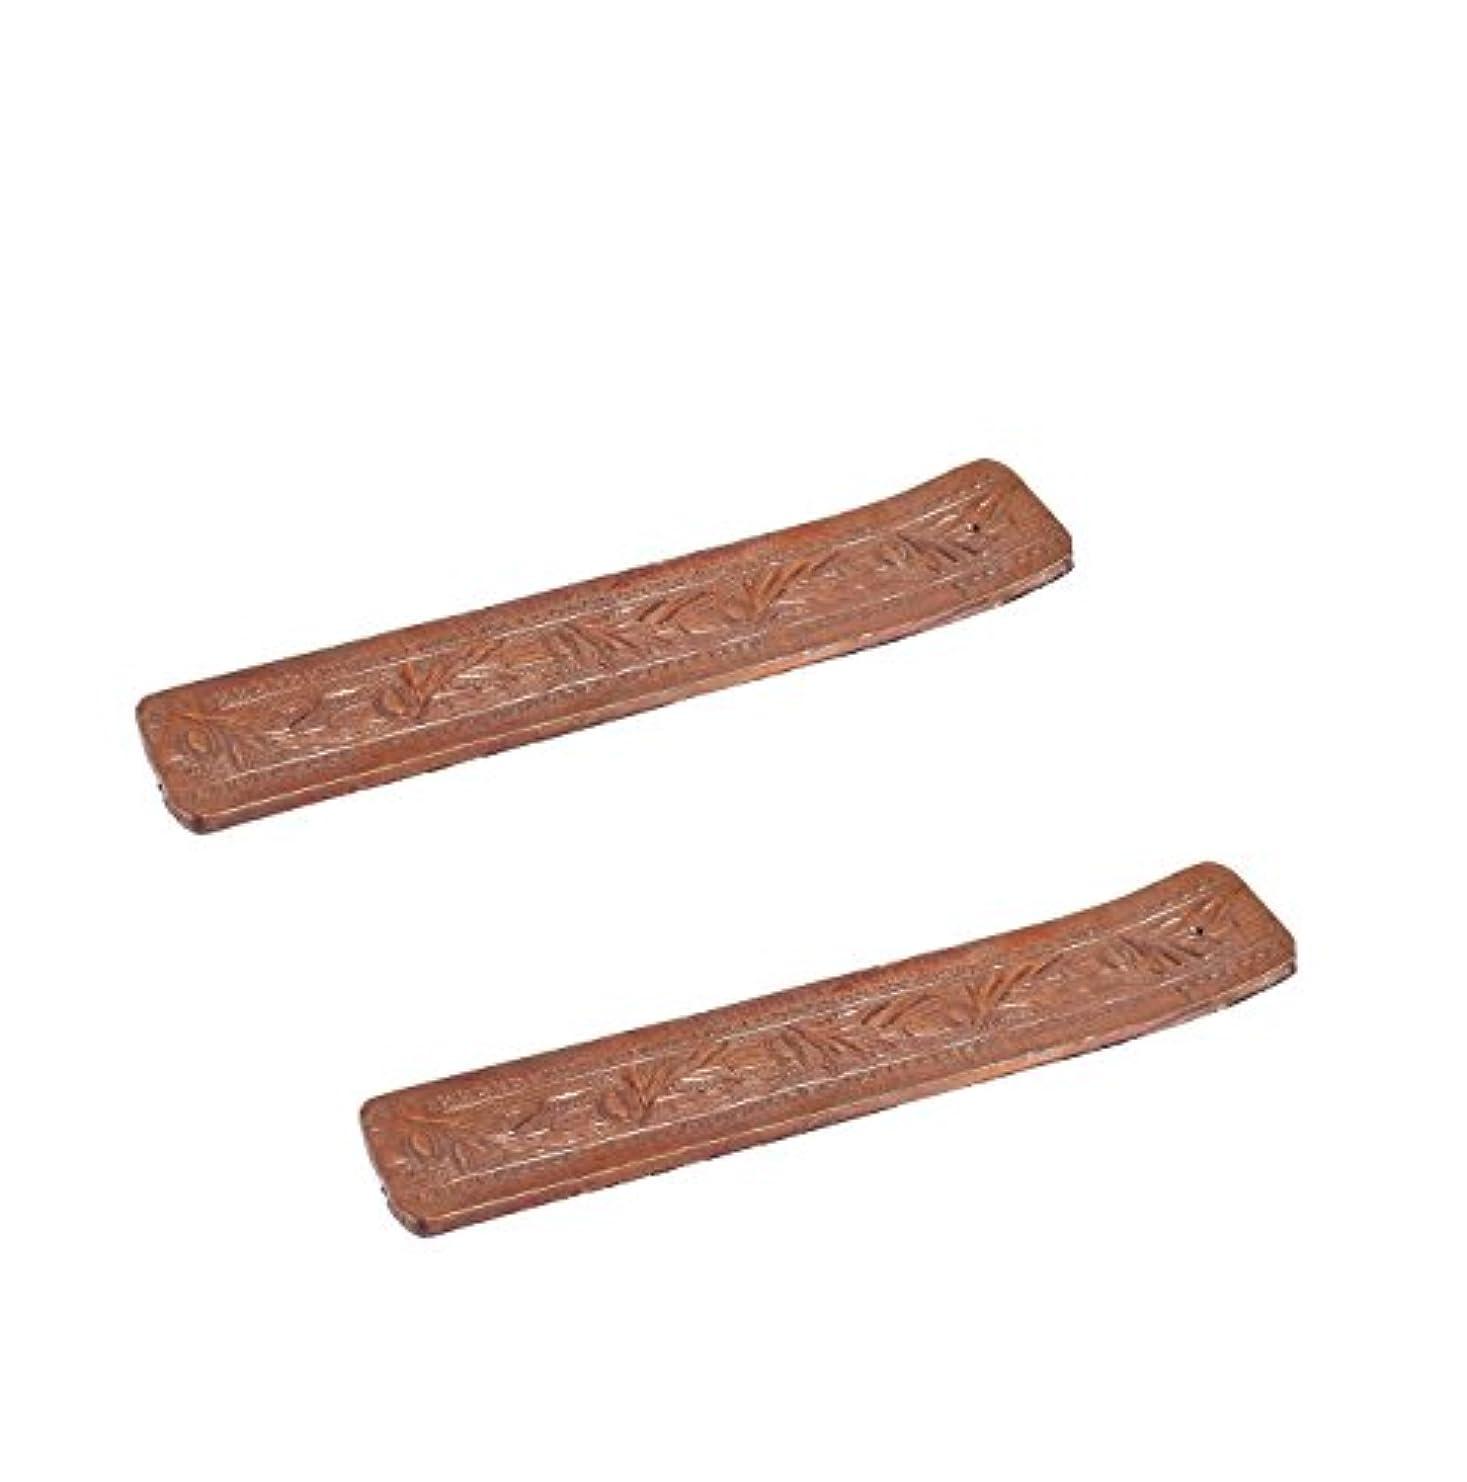 予防接種するバケツ軽量Hosley 2のセット、木製お香スティックholder- 10.50